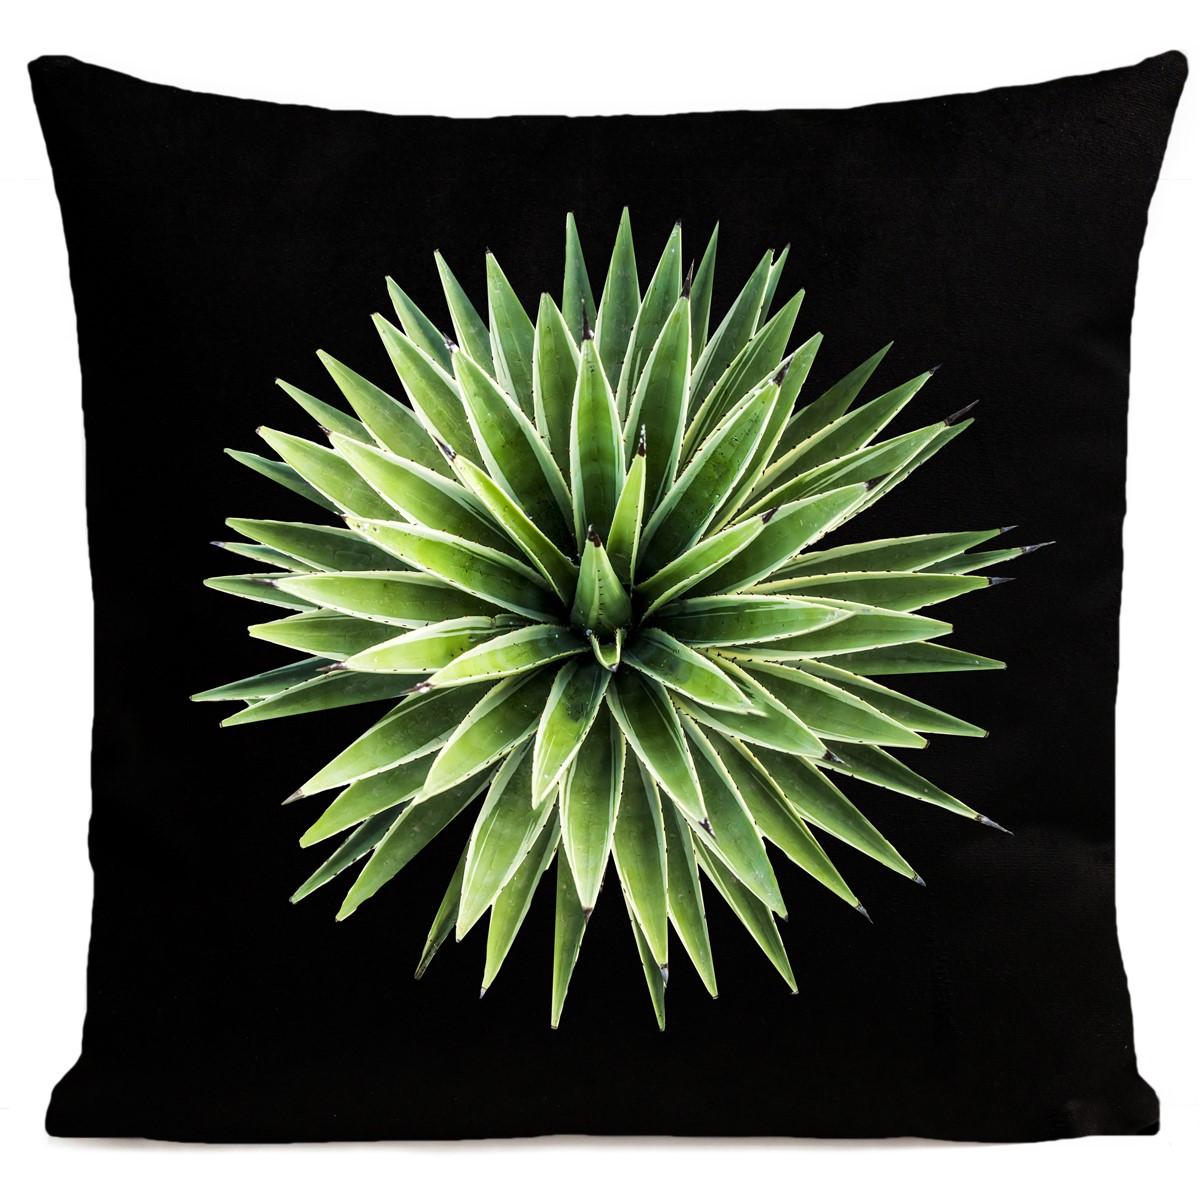 Coussin velours carré imprimé floraux noir 60x60